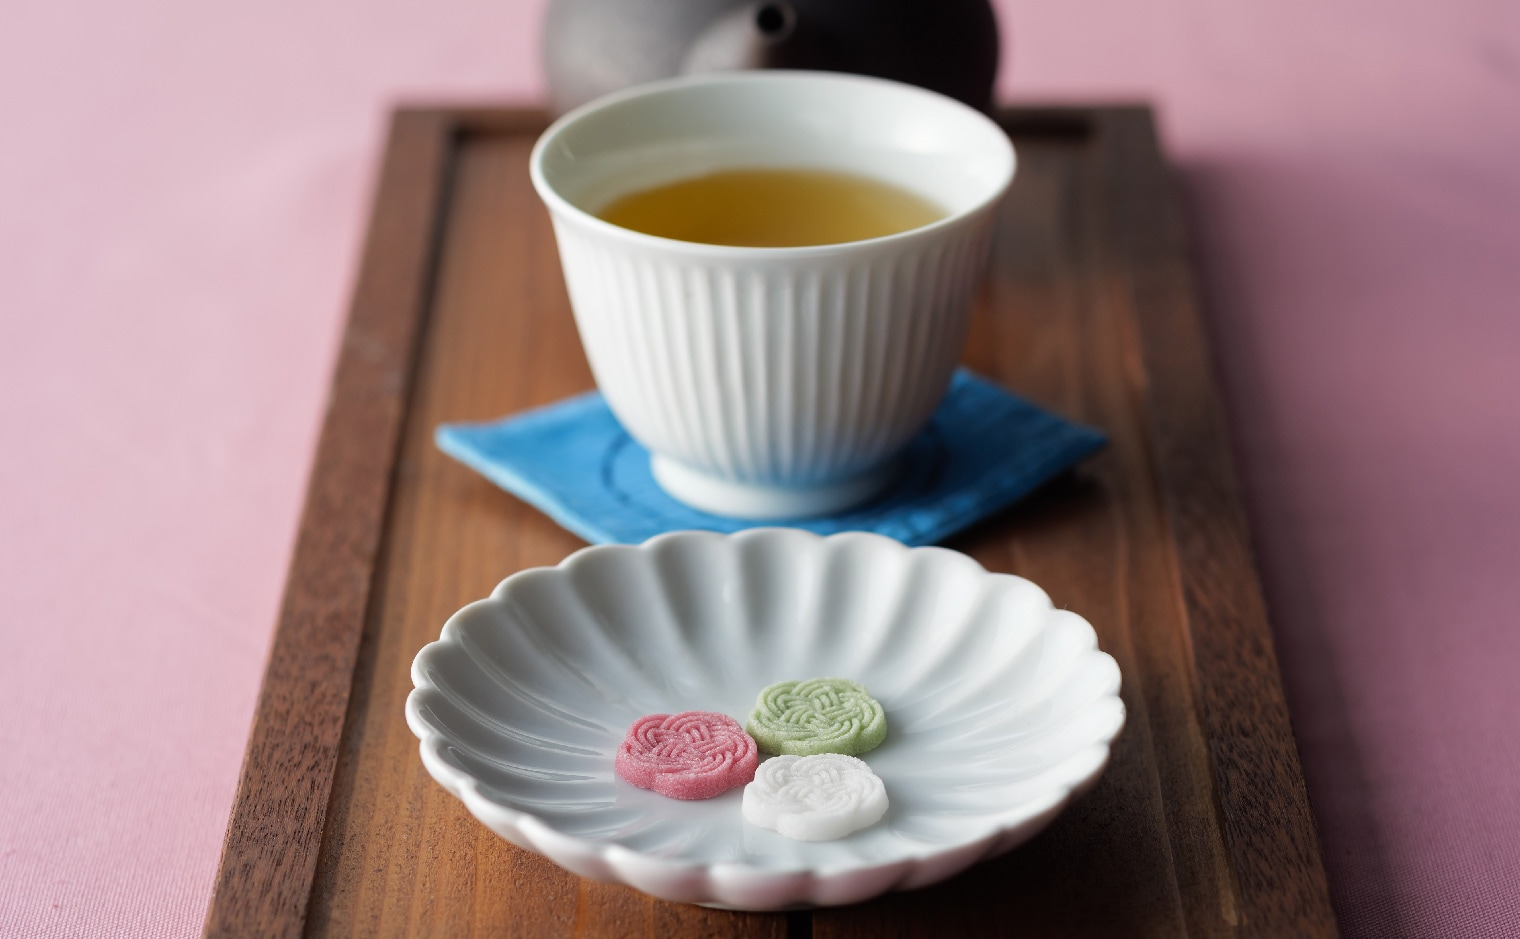 デザインシュガー,物語のある砂糖,かわいい,可愛い,手土産,ご挨拶,記念品,水引,絆,魔除け,運命,向上,縁起,梅結び,お祝い,お返し,ユニーク,日本,伝統,モチーフ